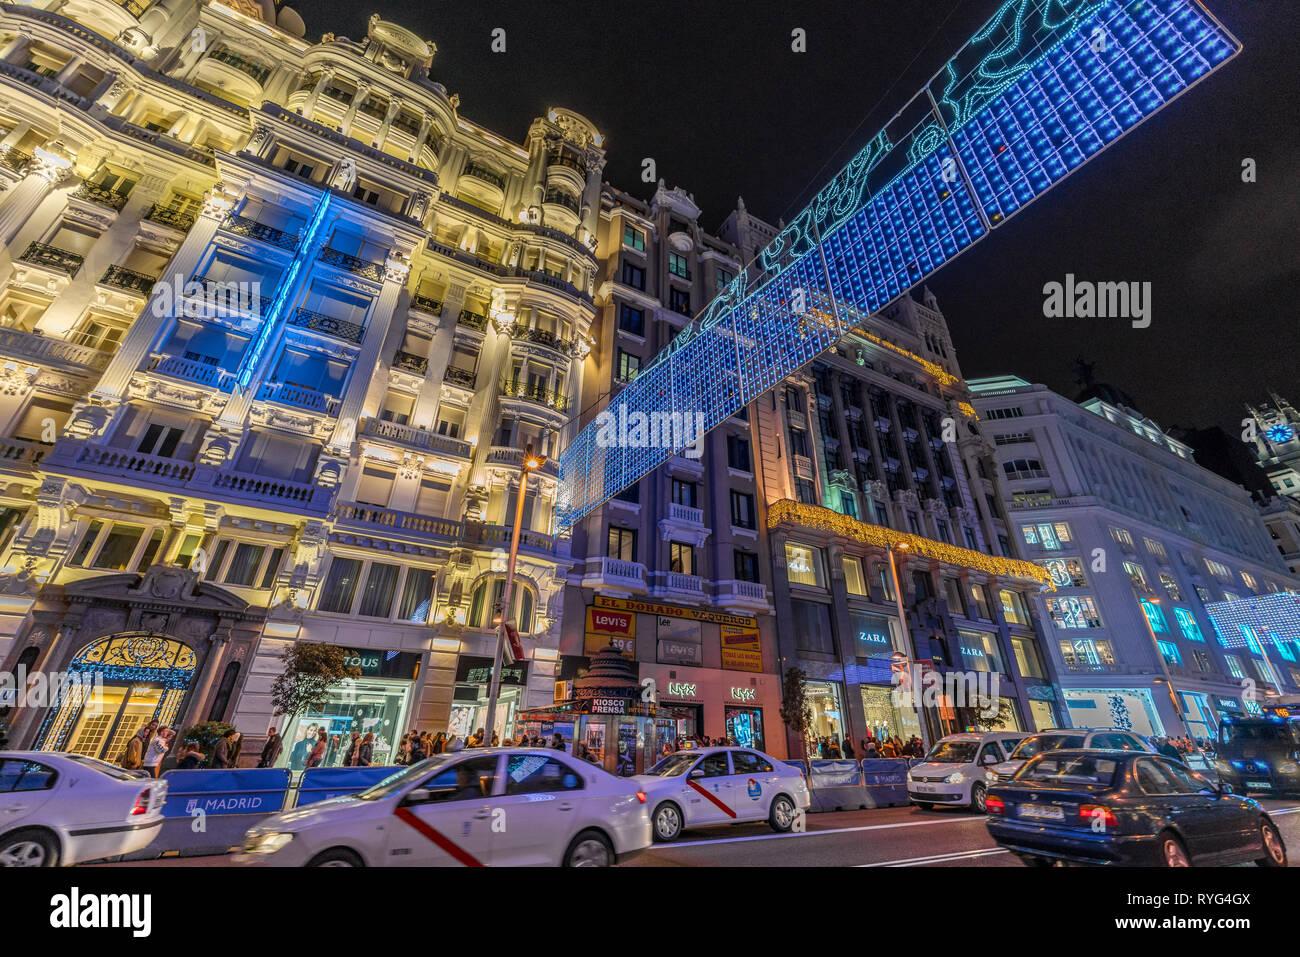 Madrid, Espagne - le 26 décembre 2017: les gens, en traversant la rue Gran Via, enjoing lumières de Noël la décoration et shopping au cours de la saison de Noël. Madrid Photo Stock